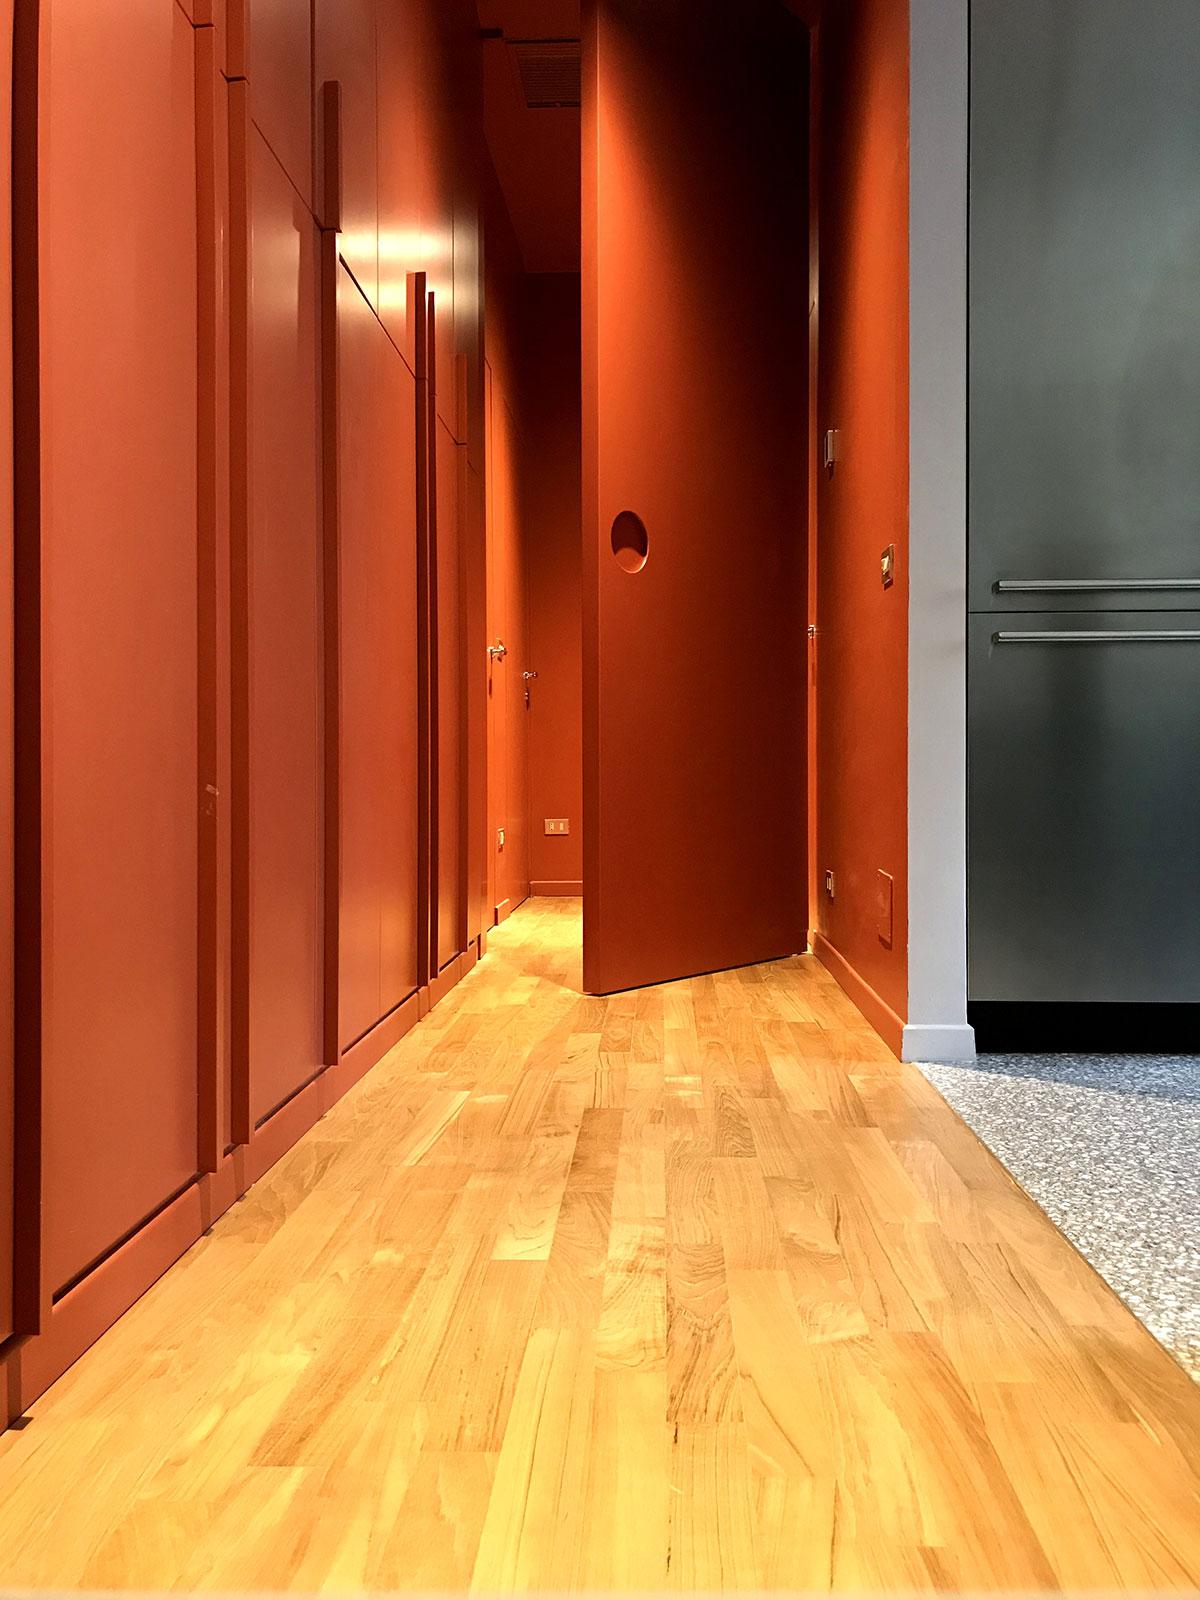 kickoffice casa cb hallway corridor parquet color door halfopen